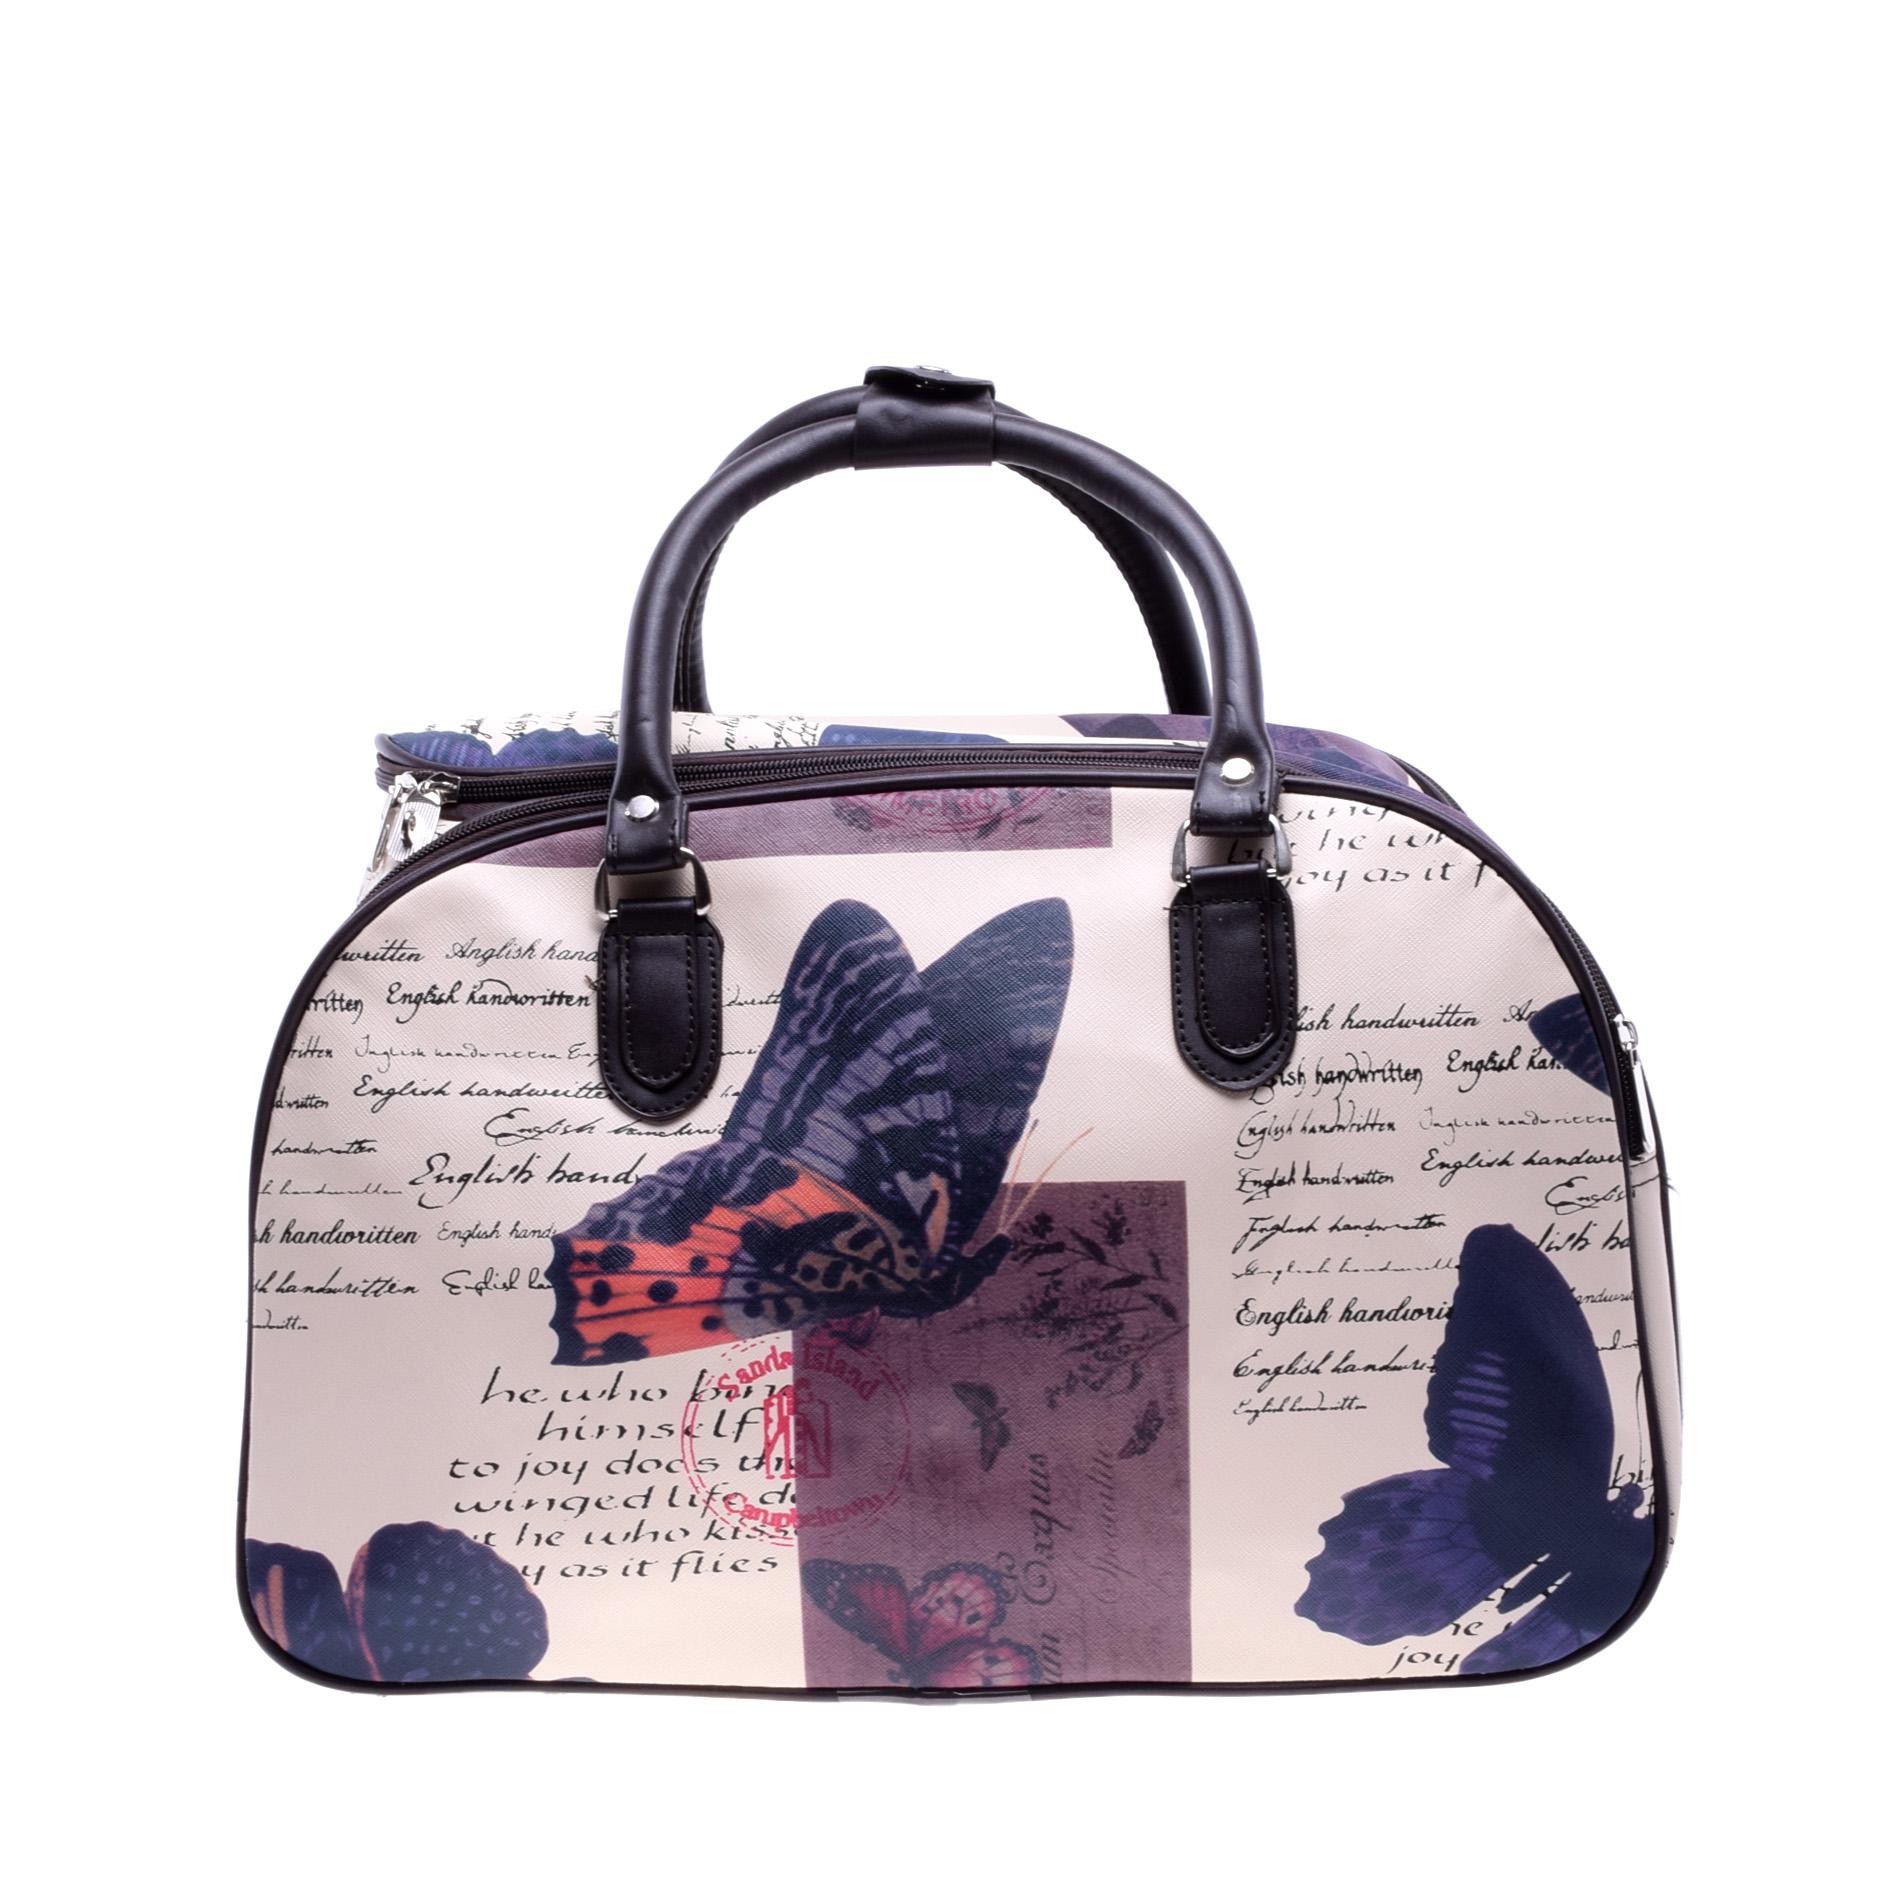 Női Műbőr kis méret Kék Pillangó Minta utzótáska - KIS MÉRETŰ UTAZÓTÁSKA -  Táska webáruház - Minőségi táskák mindenkinek 4430fee43b